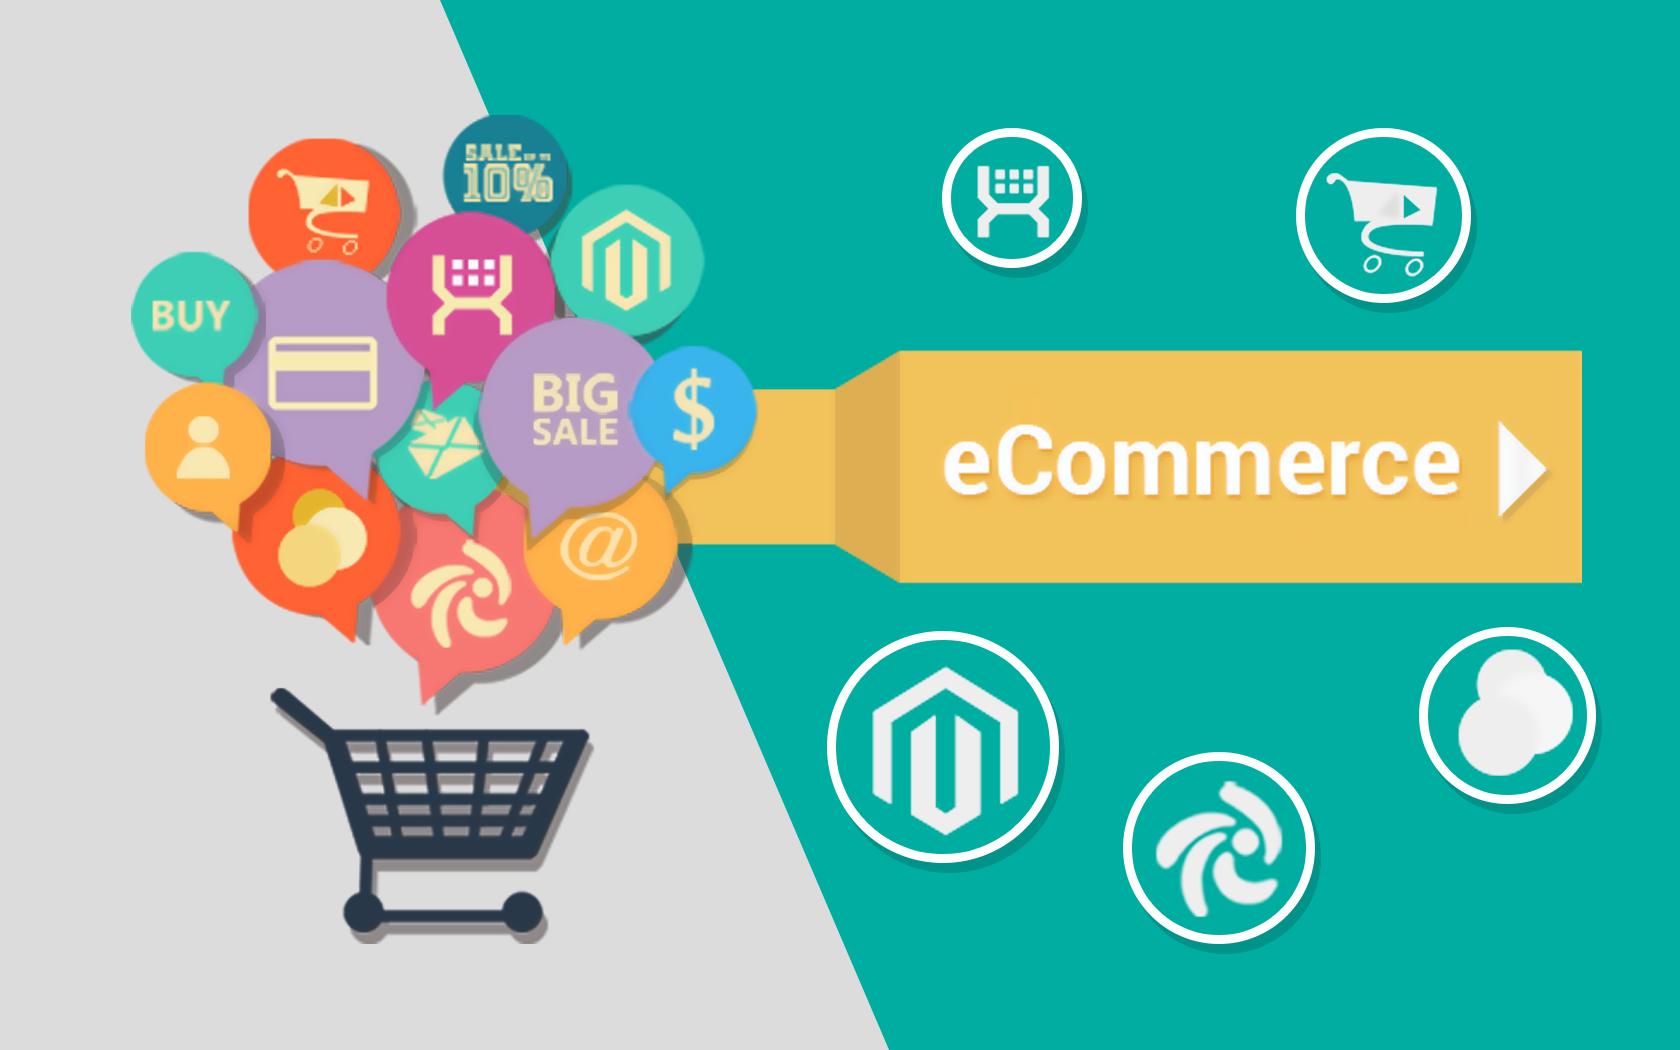 العلامة التجارية للتجارة الإلكترونية - الدليل الكامل